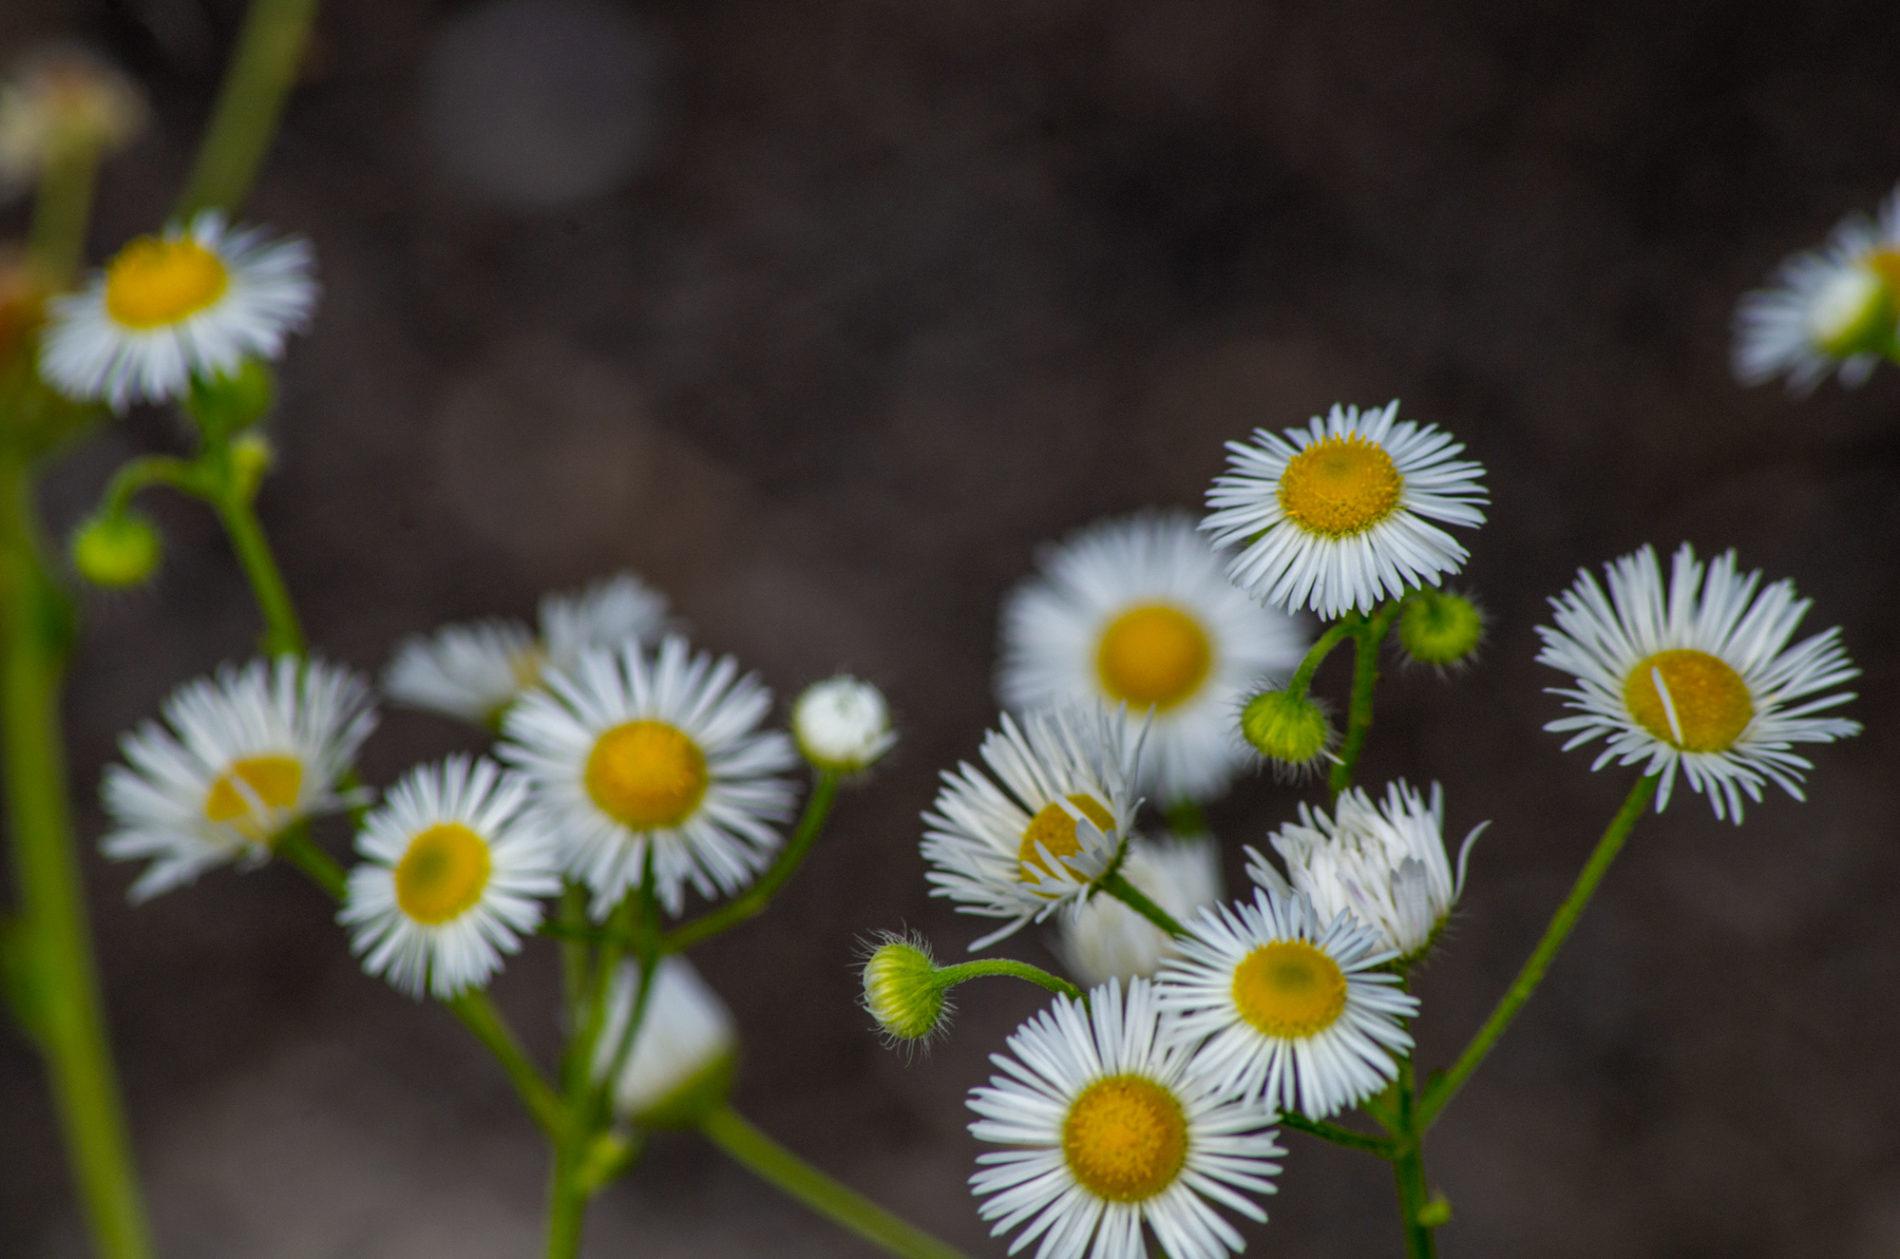 ヒメジオン(白い花)